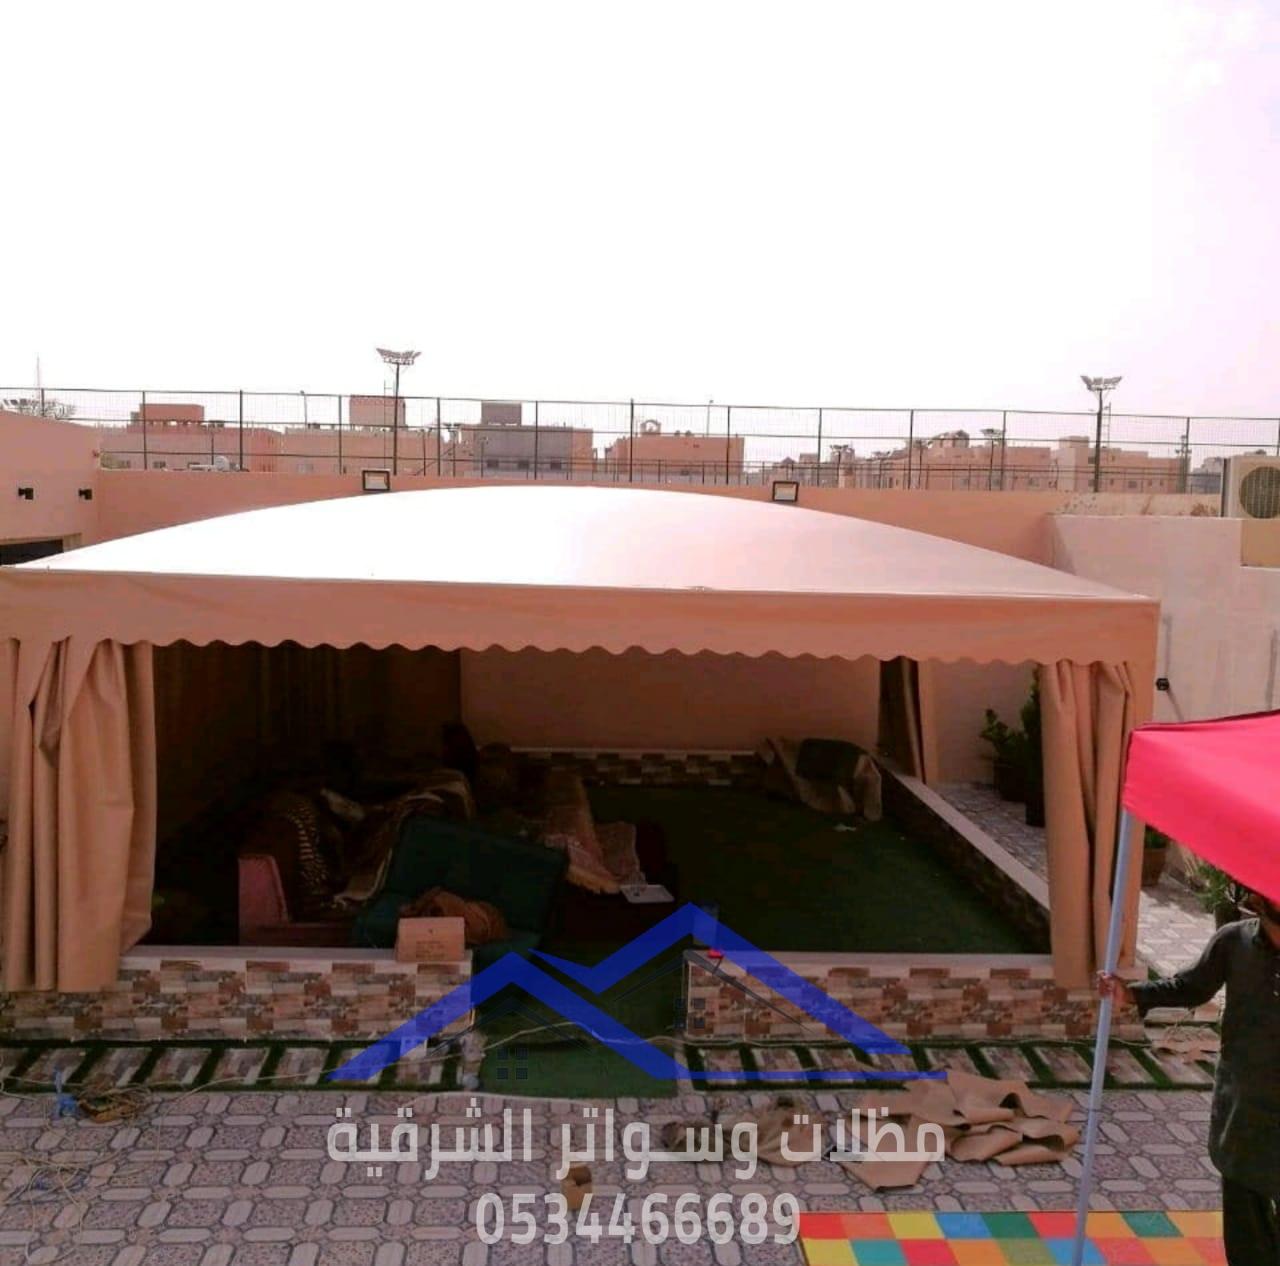 تركيب مظلات حدائق حديد 0534466689 p_2065m2pfe10.jpeg